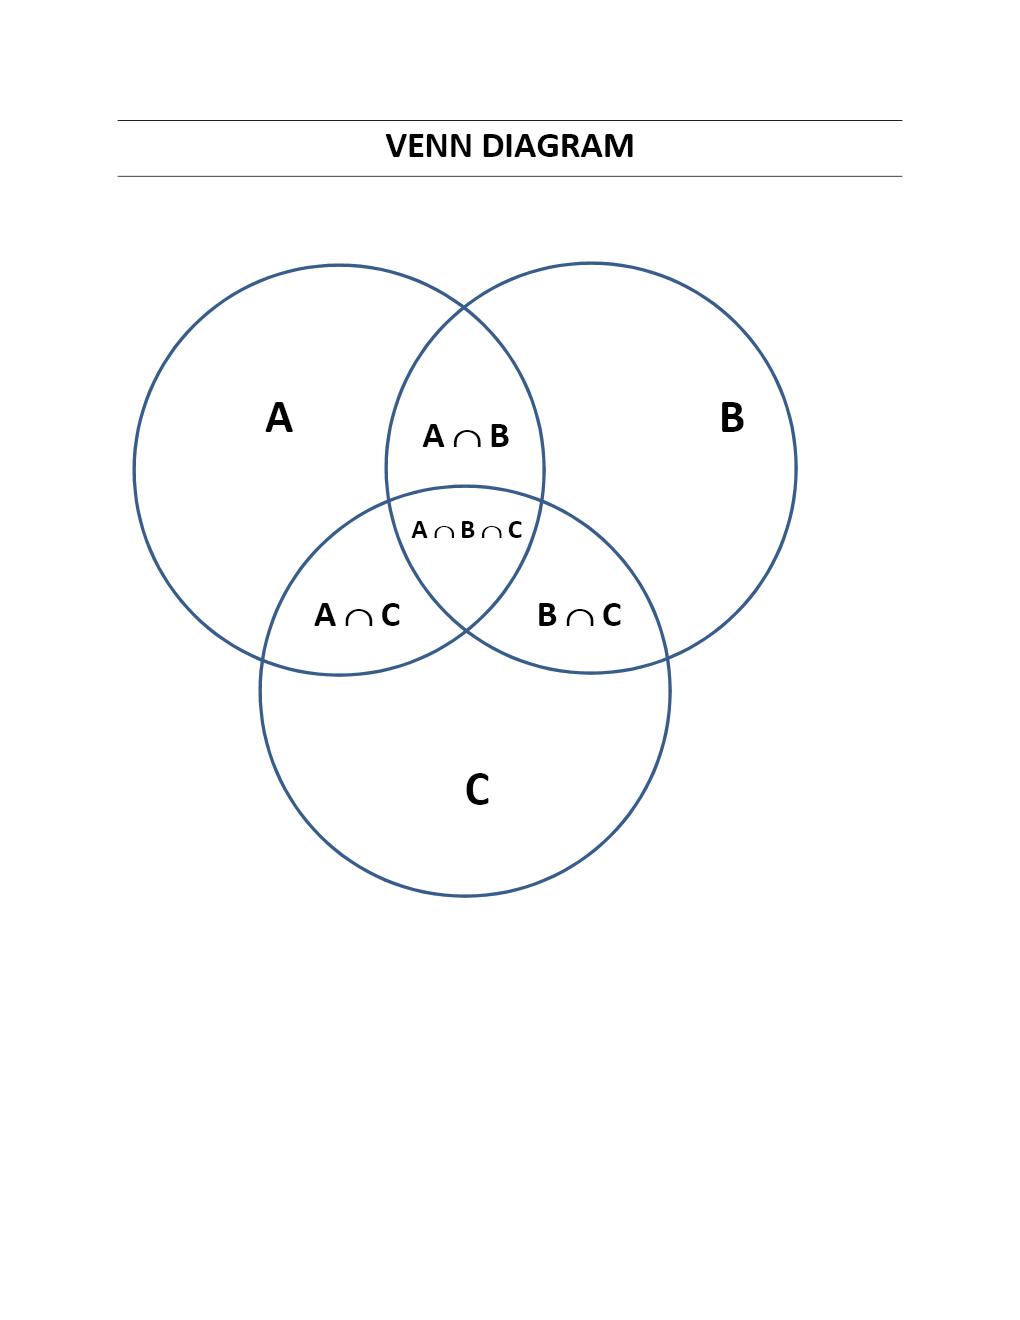 Venn diagram venn diagram template ccuart Gallery